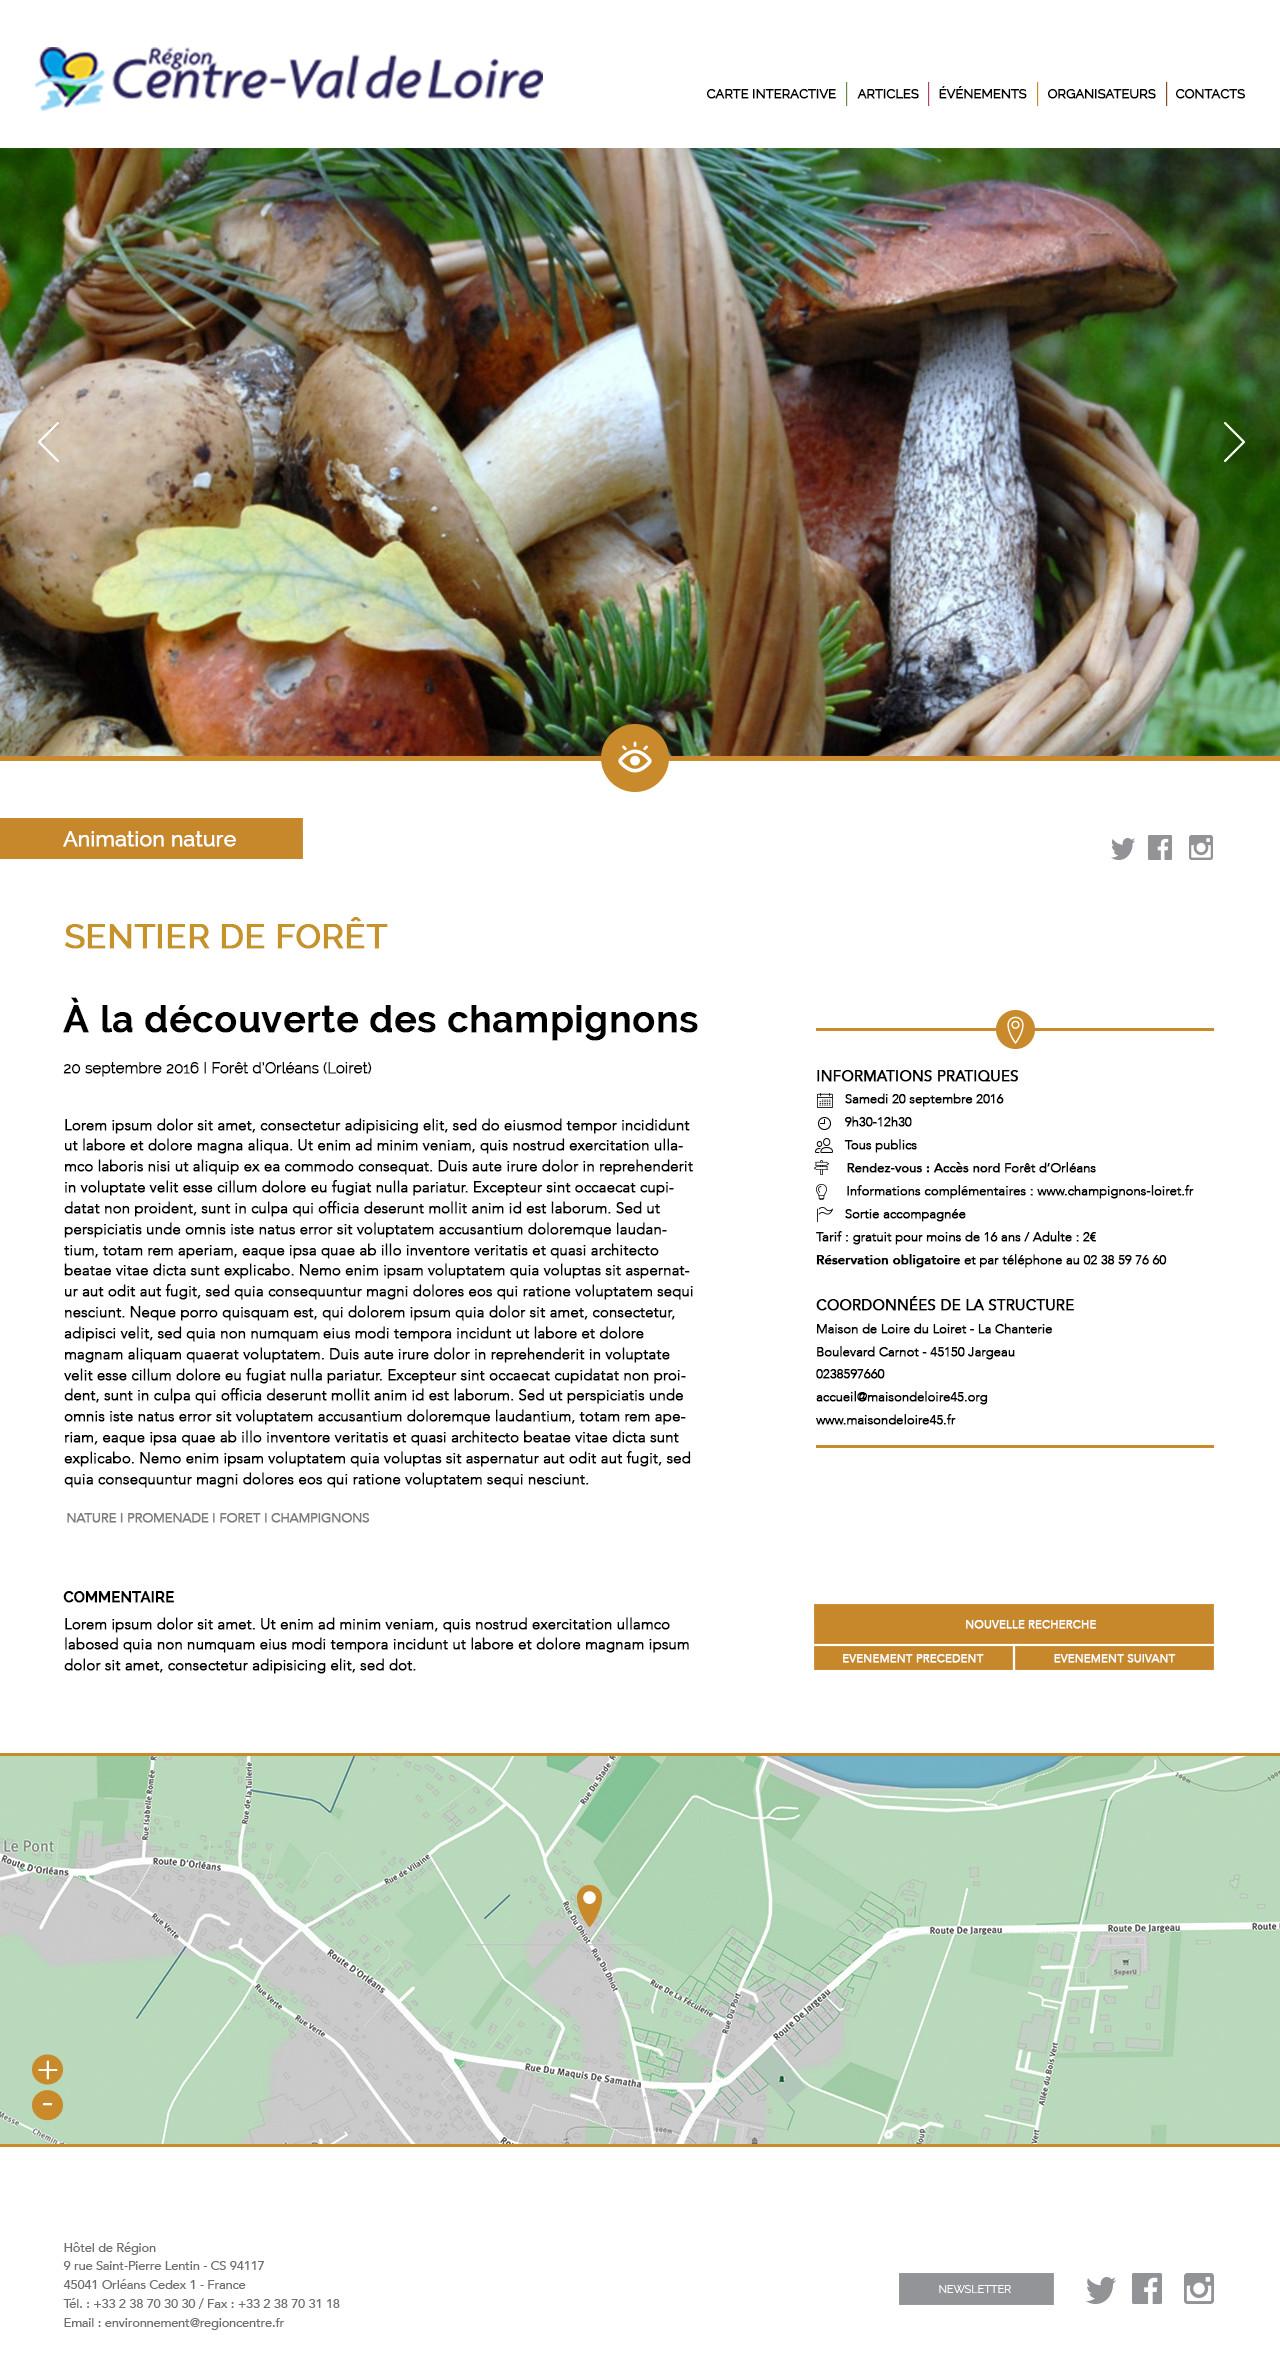 Site internet Région Centre